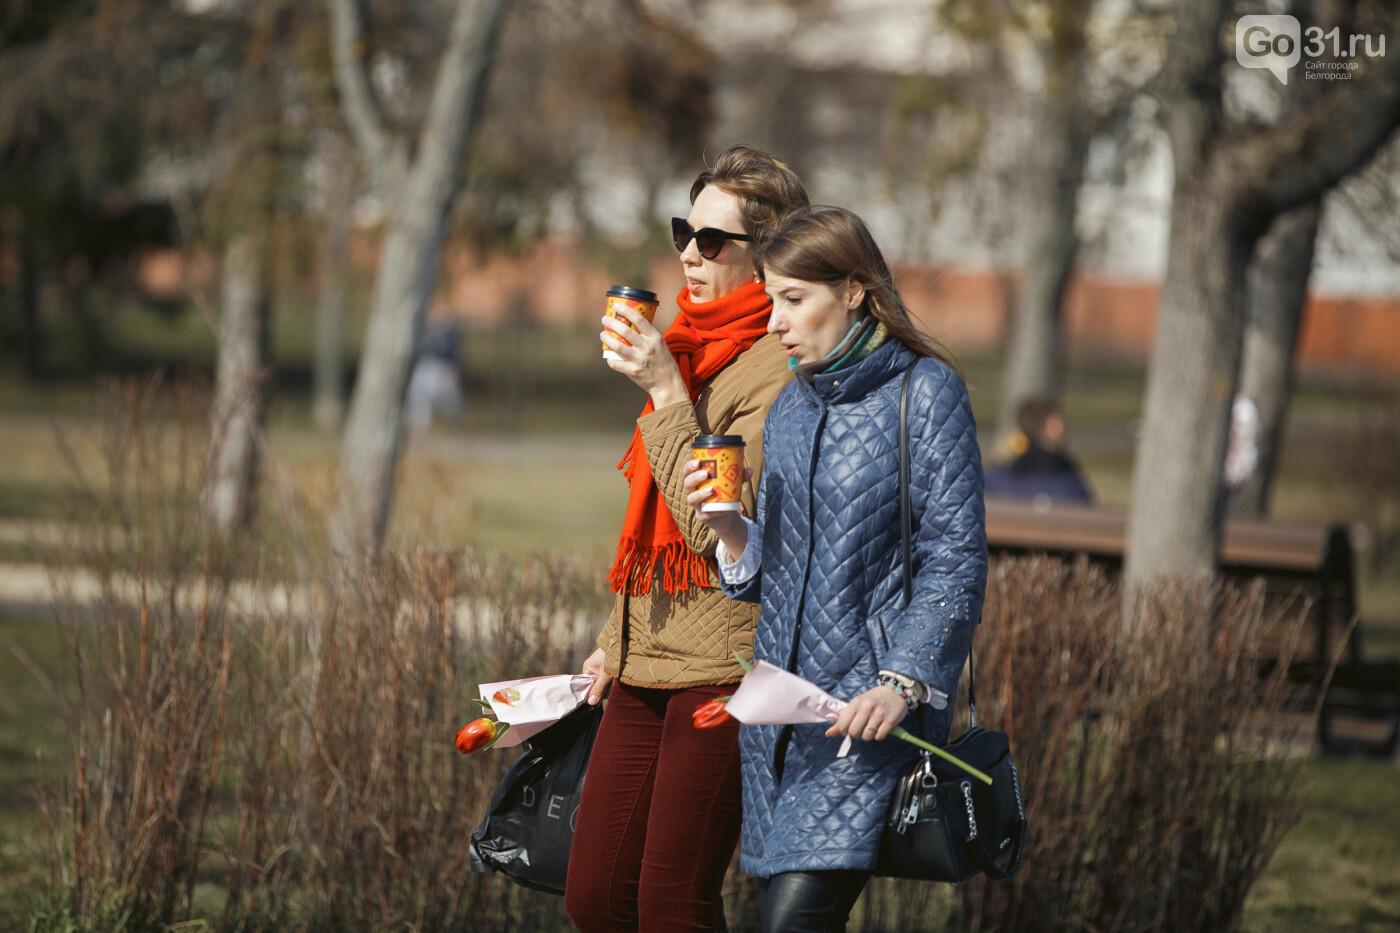 Дарить эмоции. Как белгородцы радовали дам цветами к 8 Марта, фото-19